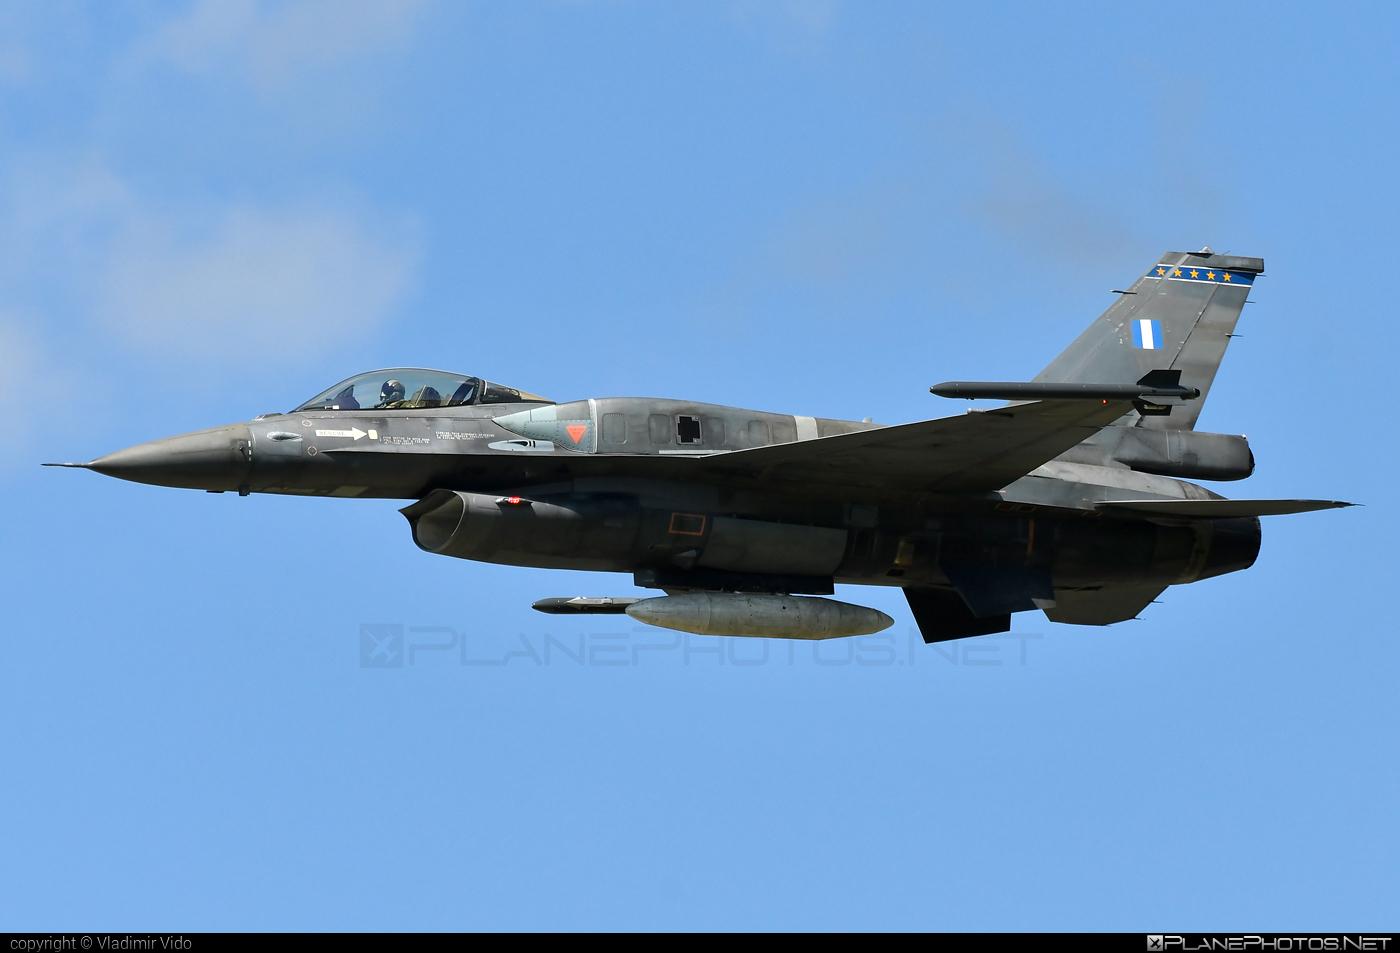 Lockheed Martin F-16CJ Fighting Falcon - 506 operated by Polemikí Aeroporía (Hellenic Air Force) #f16 #f16cj #fightingfalcon #hellenicairforce #lockheedmartin #polemikiaeroporia #siaf2019